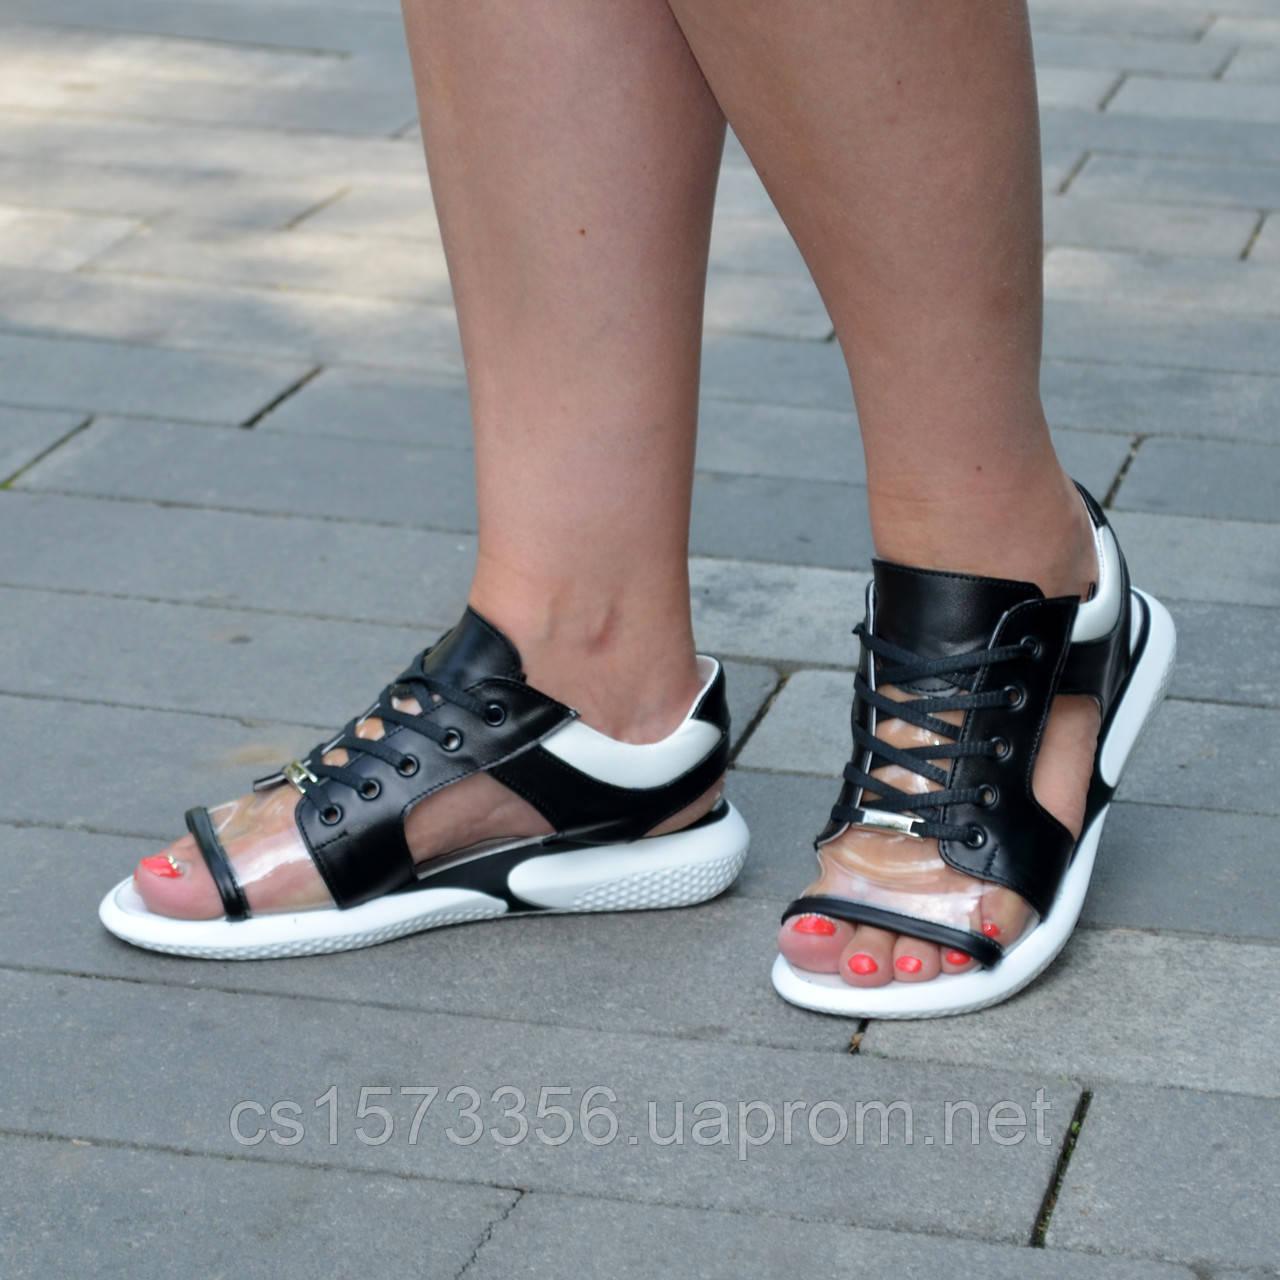 Босоножки спортивные кожаные на шнурках, цвет черный/белый